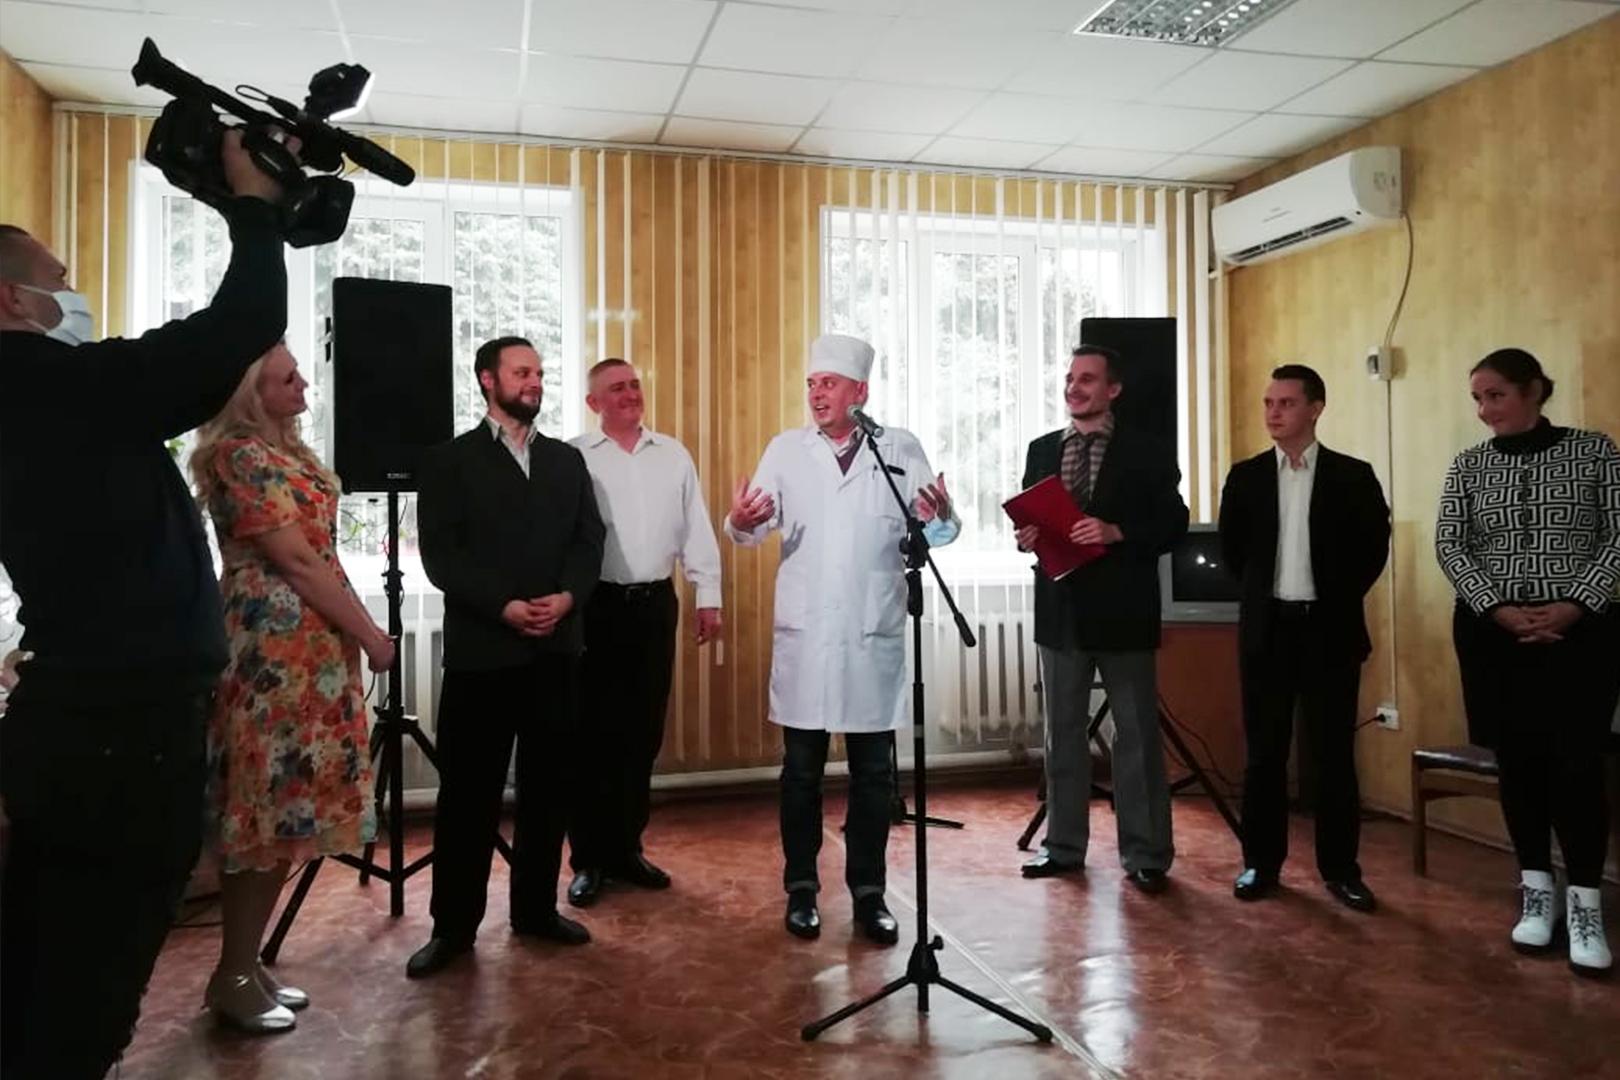 ЛАРДТ имени П. Луспекаева представил концертную программу «Светлые души» в поддержку врачей и медицинского персонала ГУ ЛНР «Славяносербское ТМО».